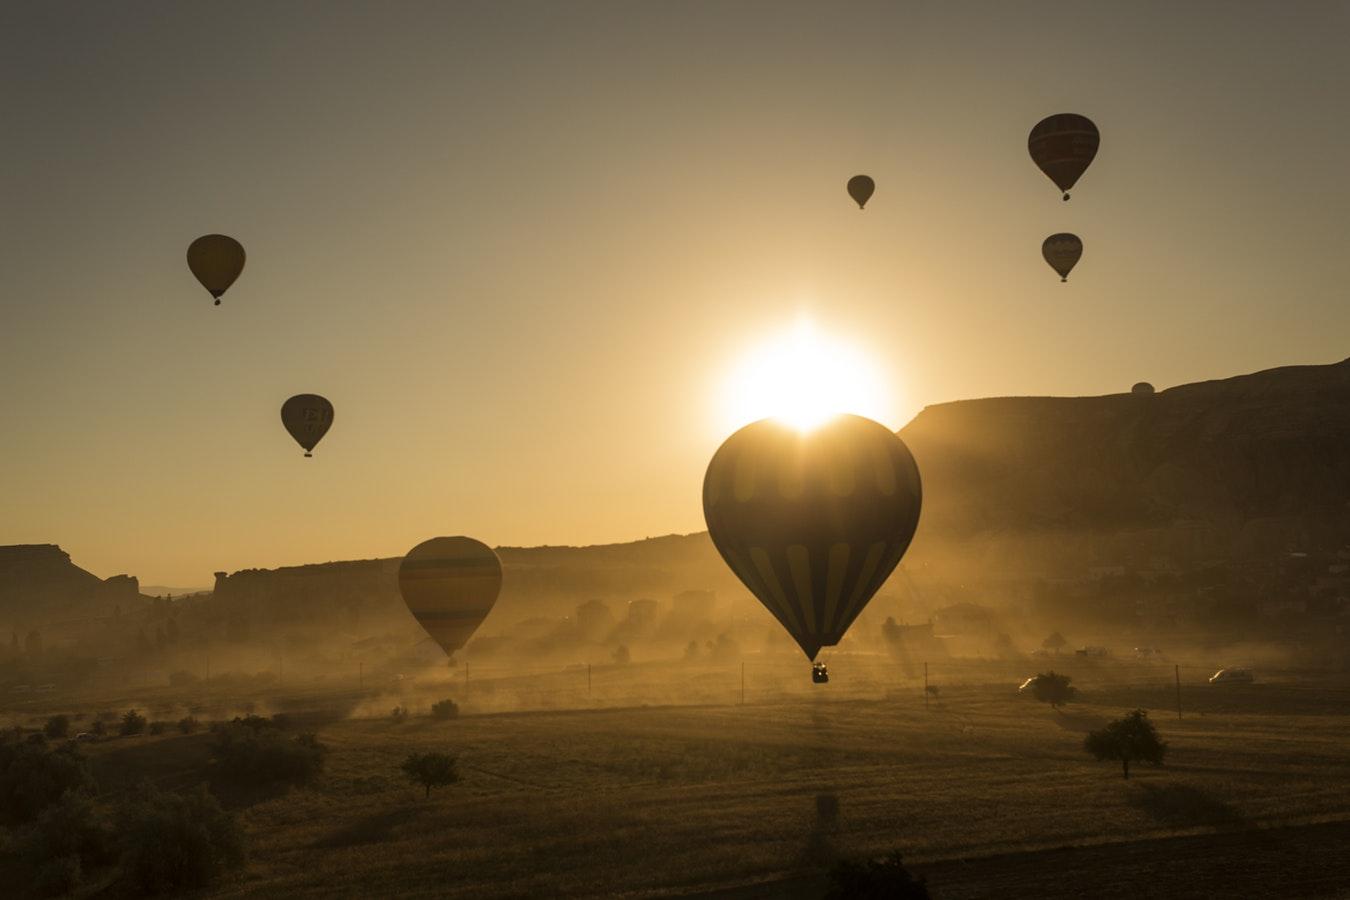 Turquia com balões ao pôr do sol